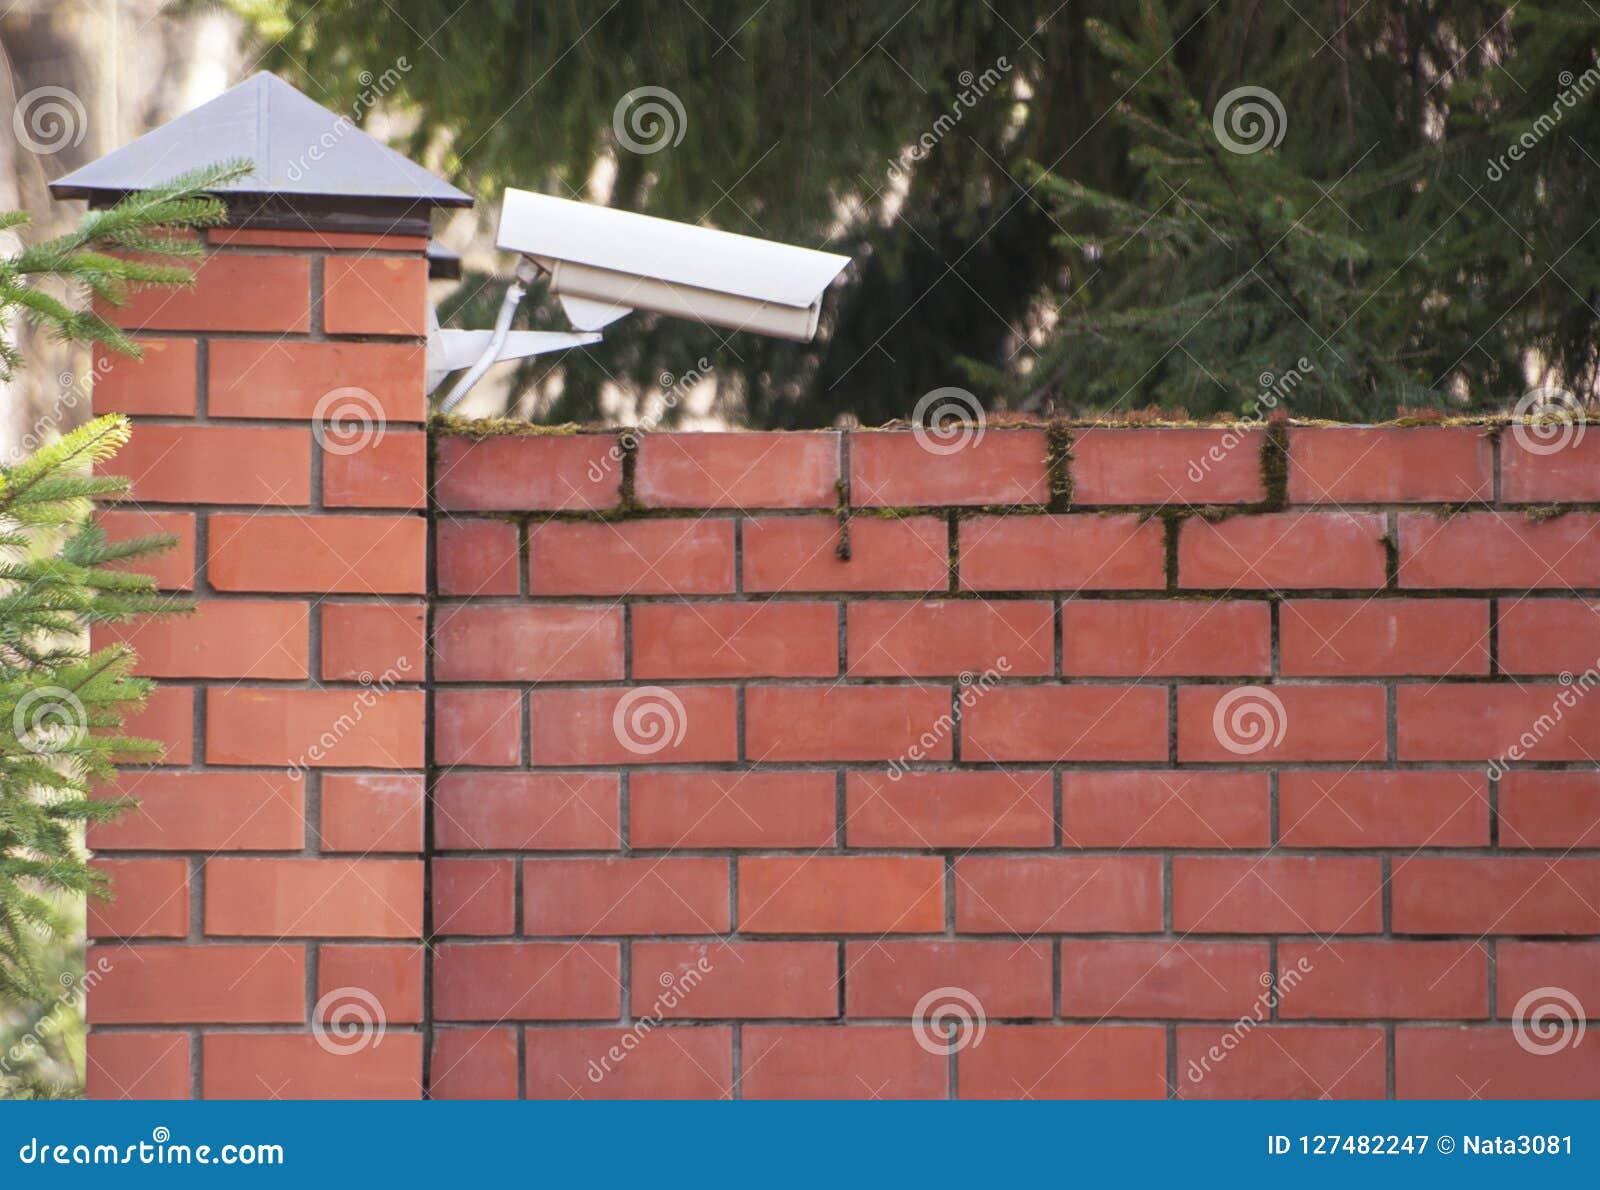 Zewnętrznie inwigilaci kamera nad ceglanym ogrodzeniem własność prywatna Systemy bezpieczeństwa ochrona, wideo inwigilacja